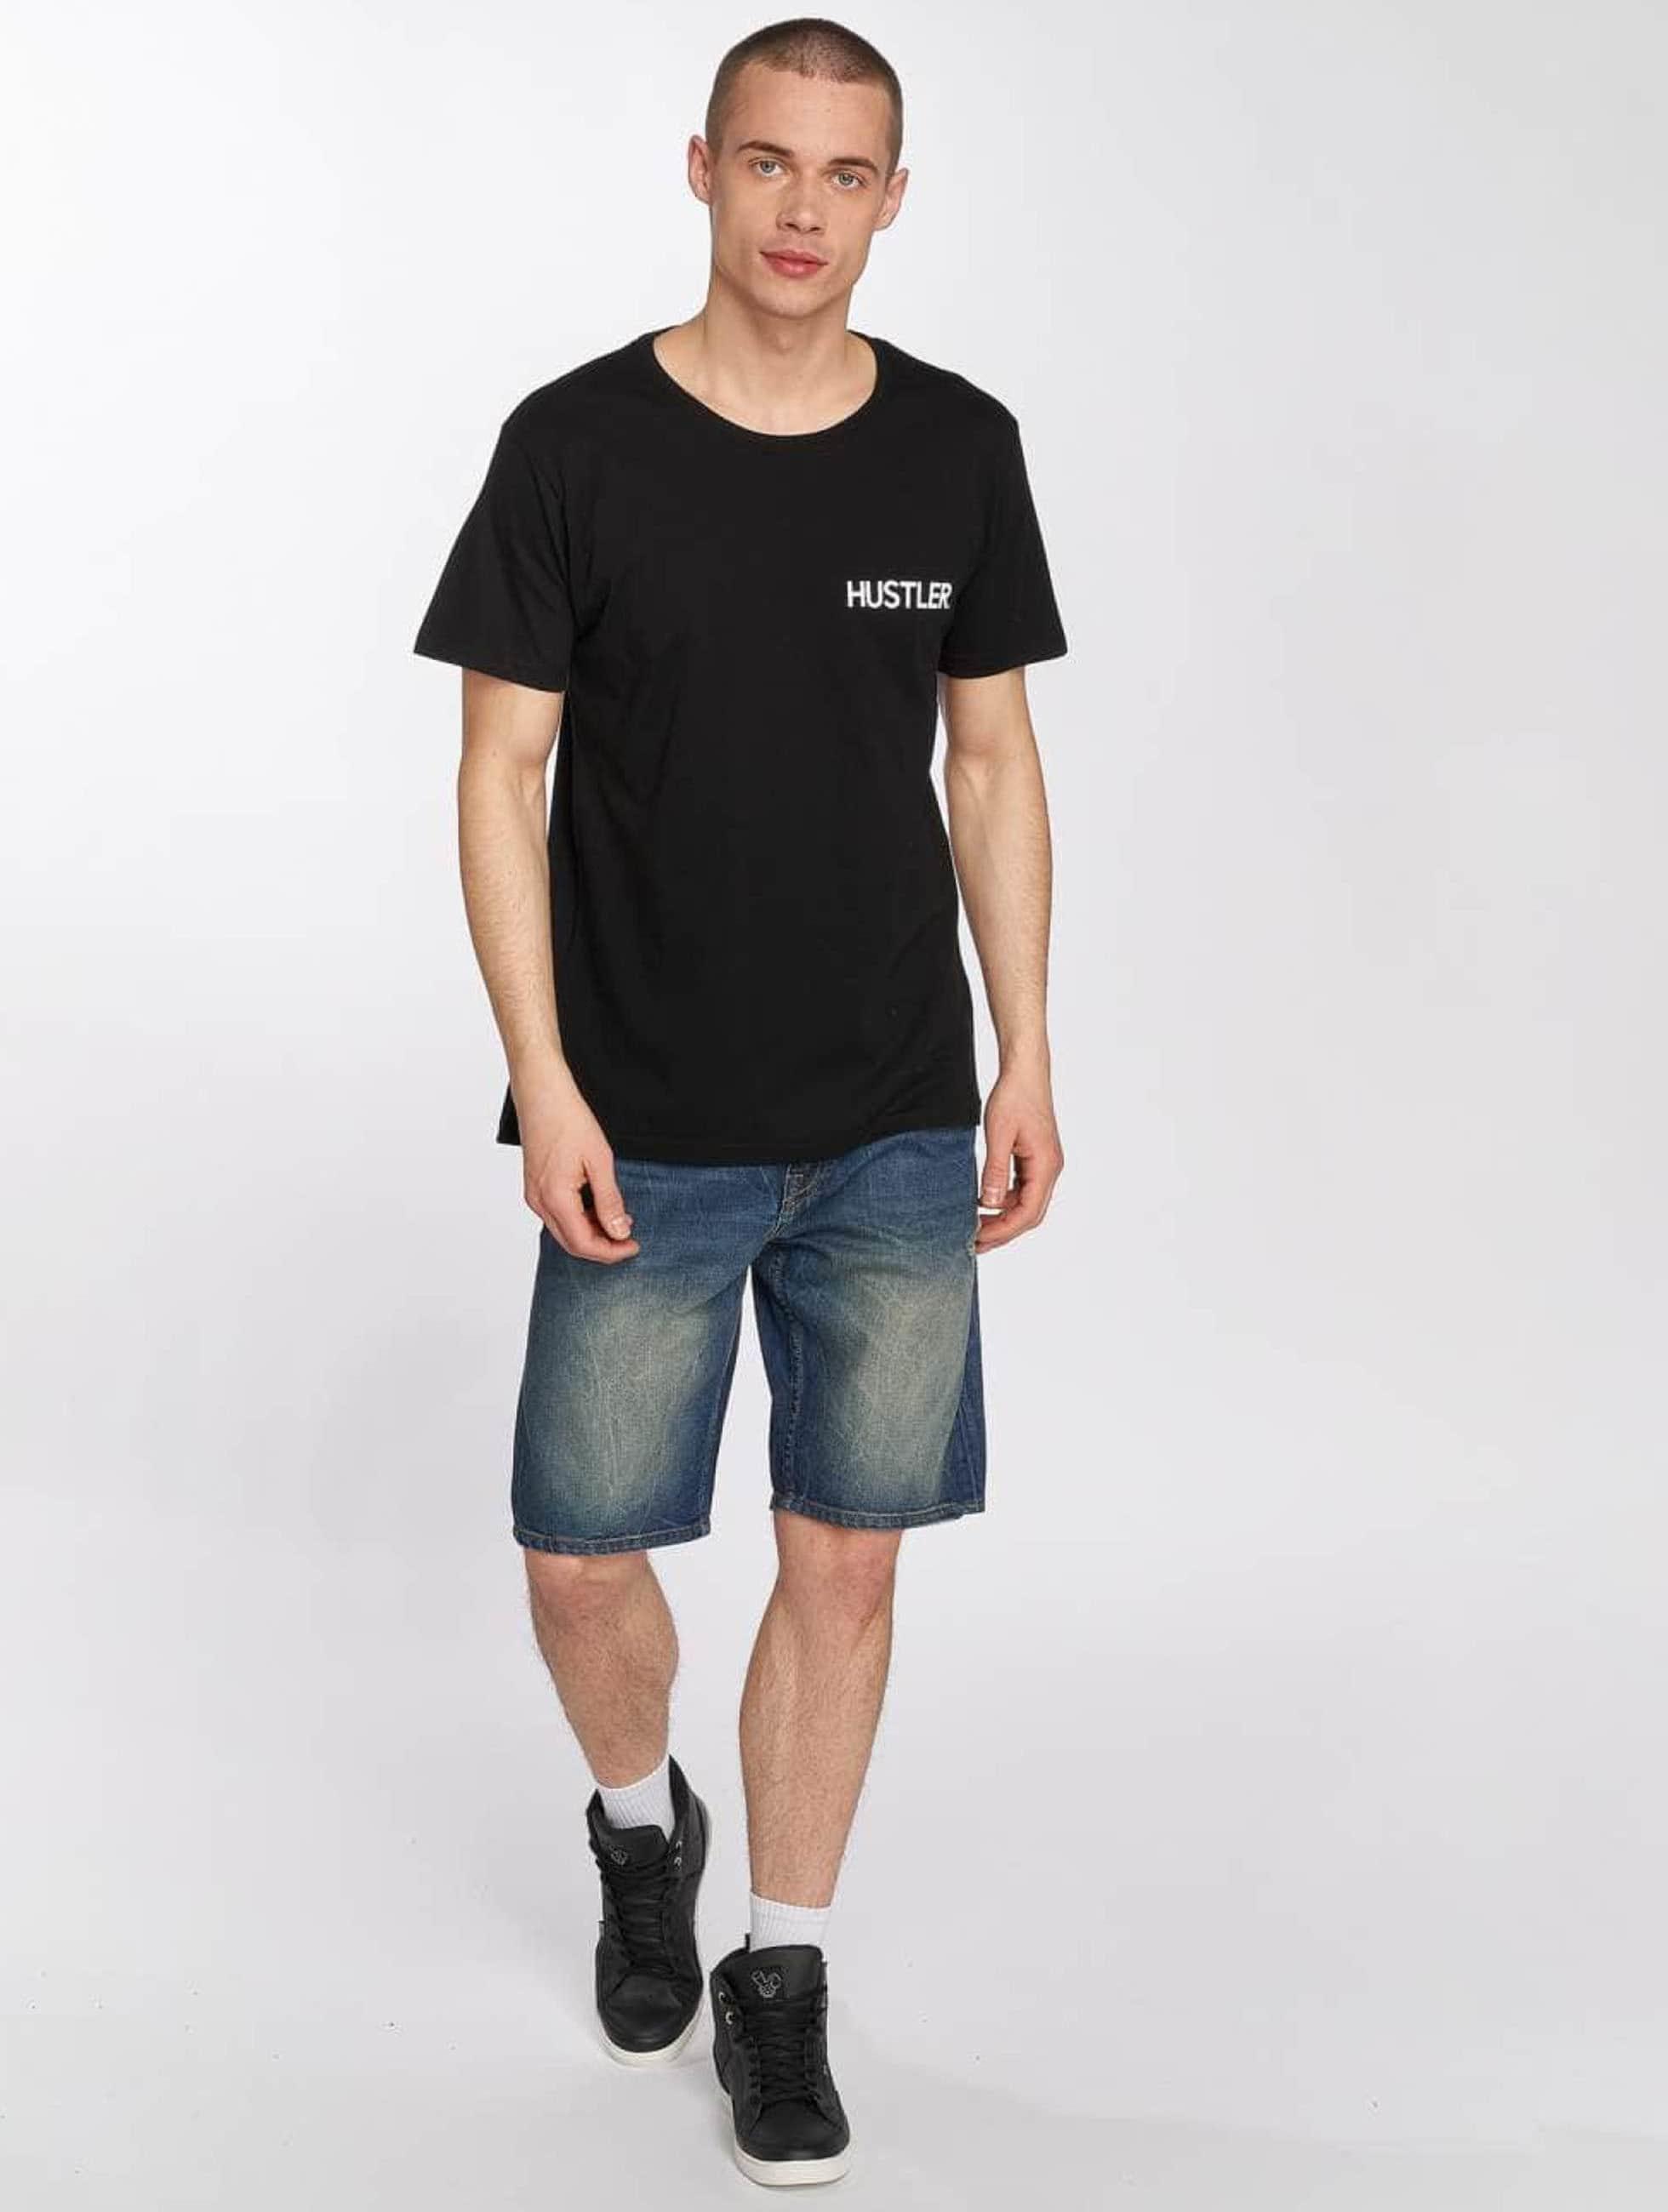 Merchcode T-Shirt Hustler Afterparty noir